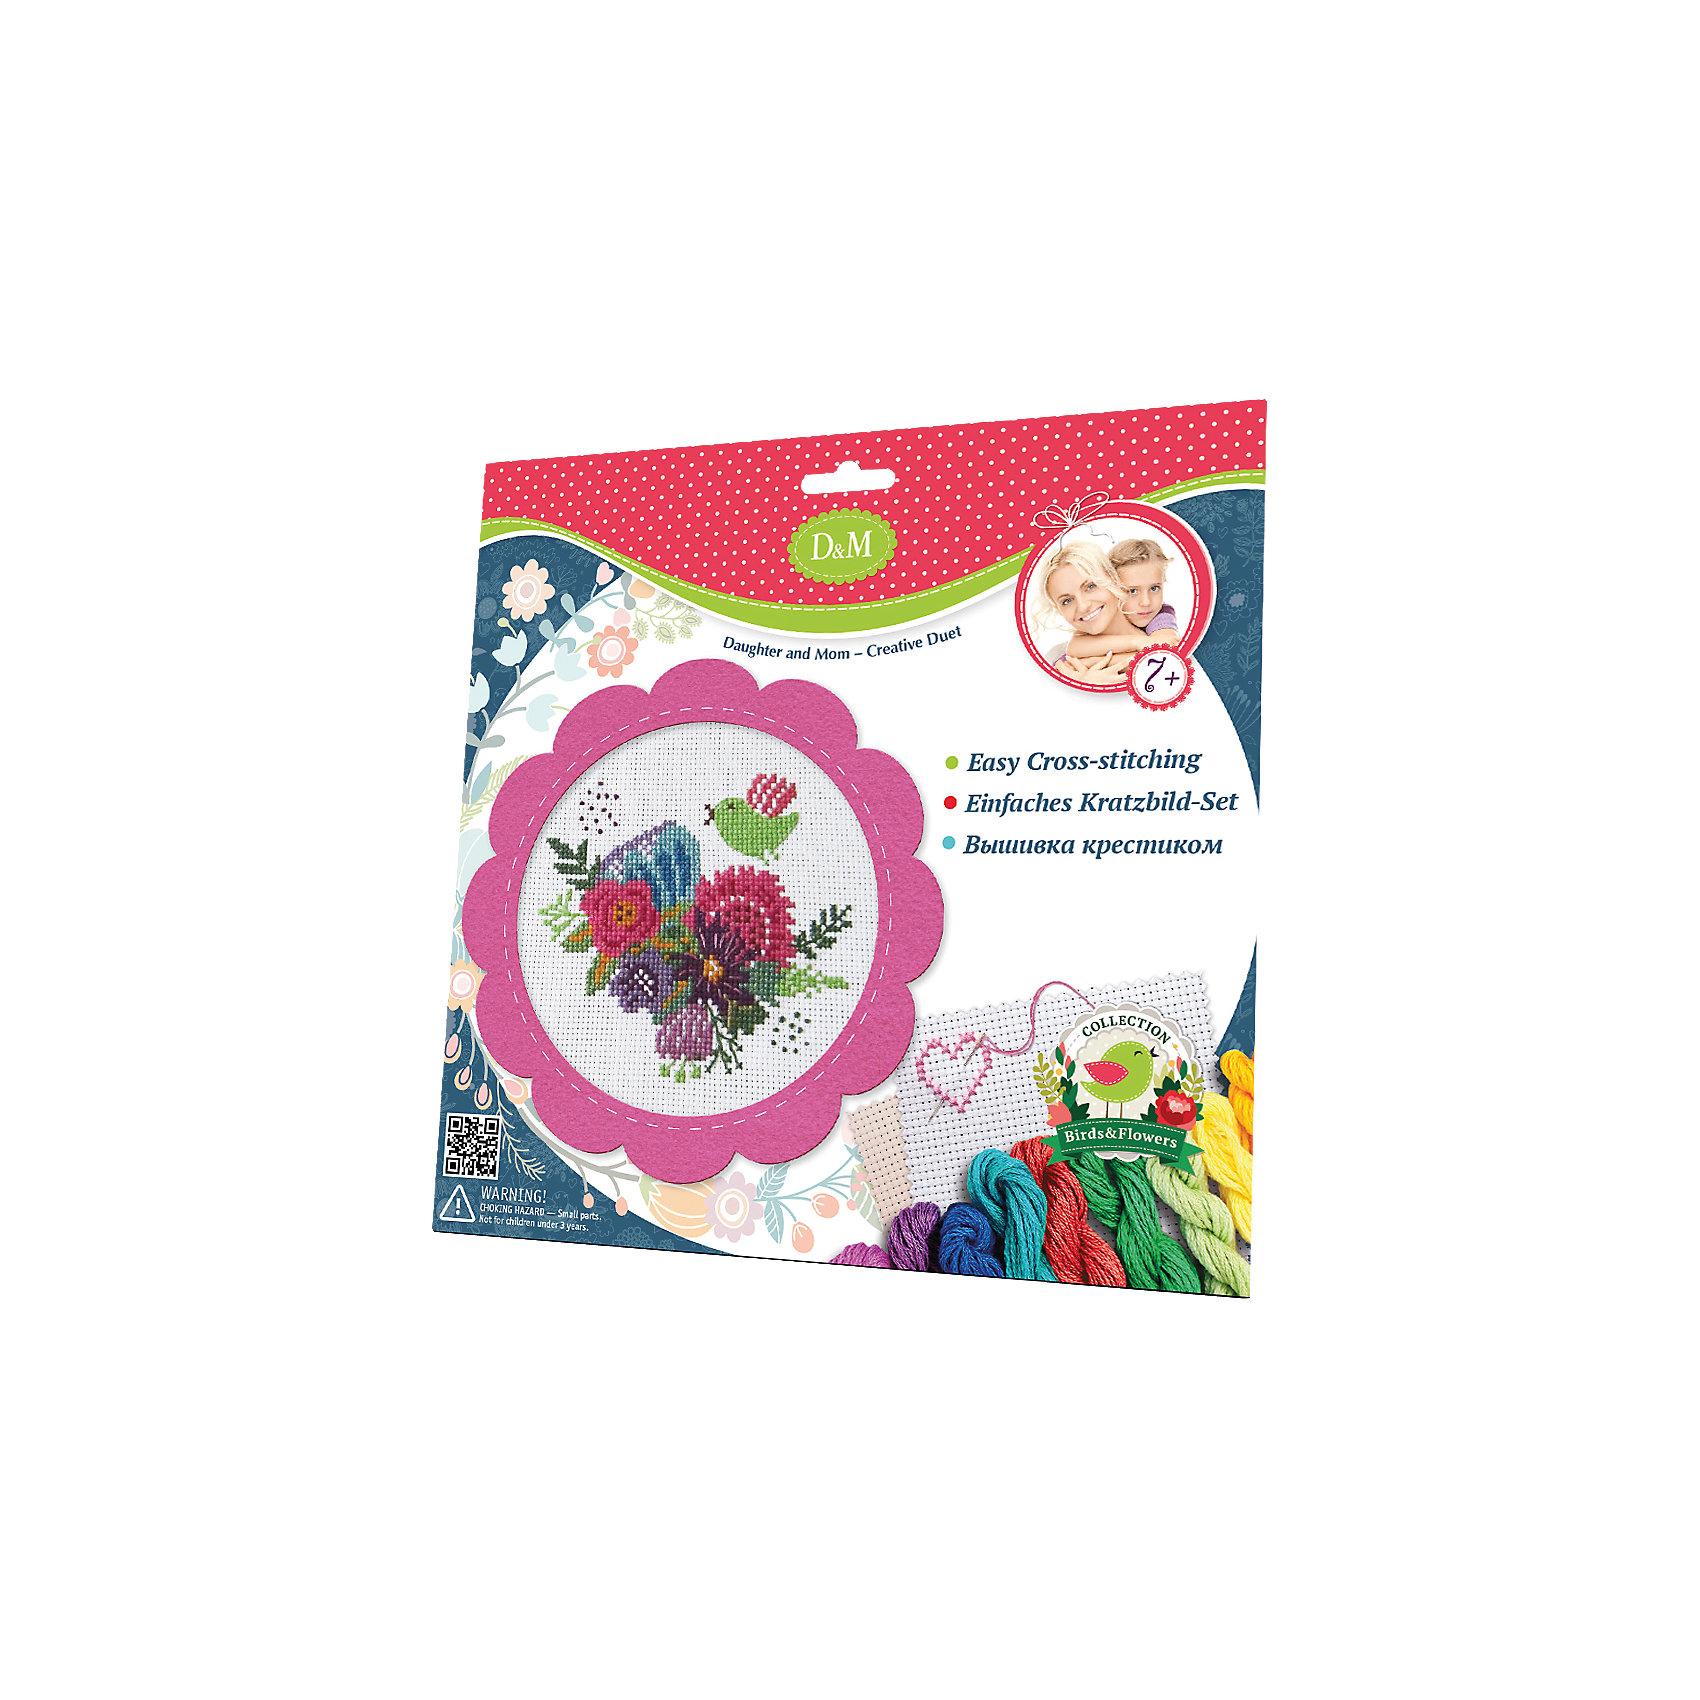 Набор для вышивания крестиком Цветы и птицы, Делай с МамойНабор для вышивания крестиком Цветы и птицы в розовой рамке – это отличный подарок для маленьких рукодельниц!<br>Вышивание - очень увлекательное занятие, которое, несомненно, доставит удовольствие каждому ребенку. А с набором для вышивания крестиком Цветы и птицы торговой марки Делай с мамой это еще и очень просто из-за канвы с уже нанесенным цветным рисунком! Простота исполнения основного элемента (крестика) позволит даже начинающему любителю рукоделия достичь потрясающего результата. А красивый рисунок-вышивка, вставленный в специальную розовую фетровую рамочку, прекрасно украсит любой интерьер и создаст уютную атмосферу в доме. В наборе Вы найдете все, что необходимо: фетровую рамочку, канву с нанесенным рисунком, нитки, металлическую иголку. Вышивание крестиком поможет ребенку научиться пользоваться инструментами для шитья и поспособствует развитию творческих способностей.<br><br>Дополнительная информация:<br><br>- В наборе: фетровая рамка, канва для вышивания, мулине, иголка<br>- Размер упаковки: 220 х 20 х 240 мм.<br>- Вес: 300 гр.<br><br>Набор для вышивания крестиком Цветы и птицы в розовой рамке можно купить в нашем интернет-магазине.<br><br>Ширина мм: 250<br>Глубина мм: 5<br>Высота мм: 245<br>Вес г: 300<br>Возраст от месяцев: 84<br>Возраст до месяцев: 168<br>Пол: Унисекс<br>Возраст: Детский<br>SKU: 4085731